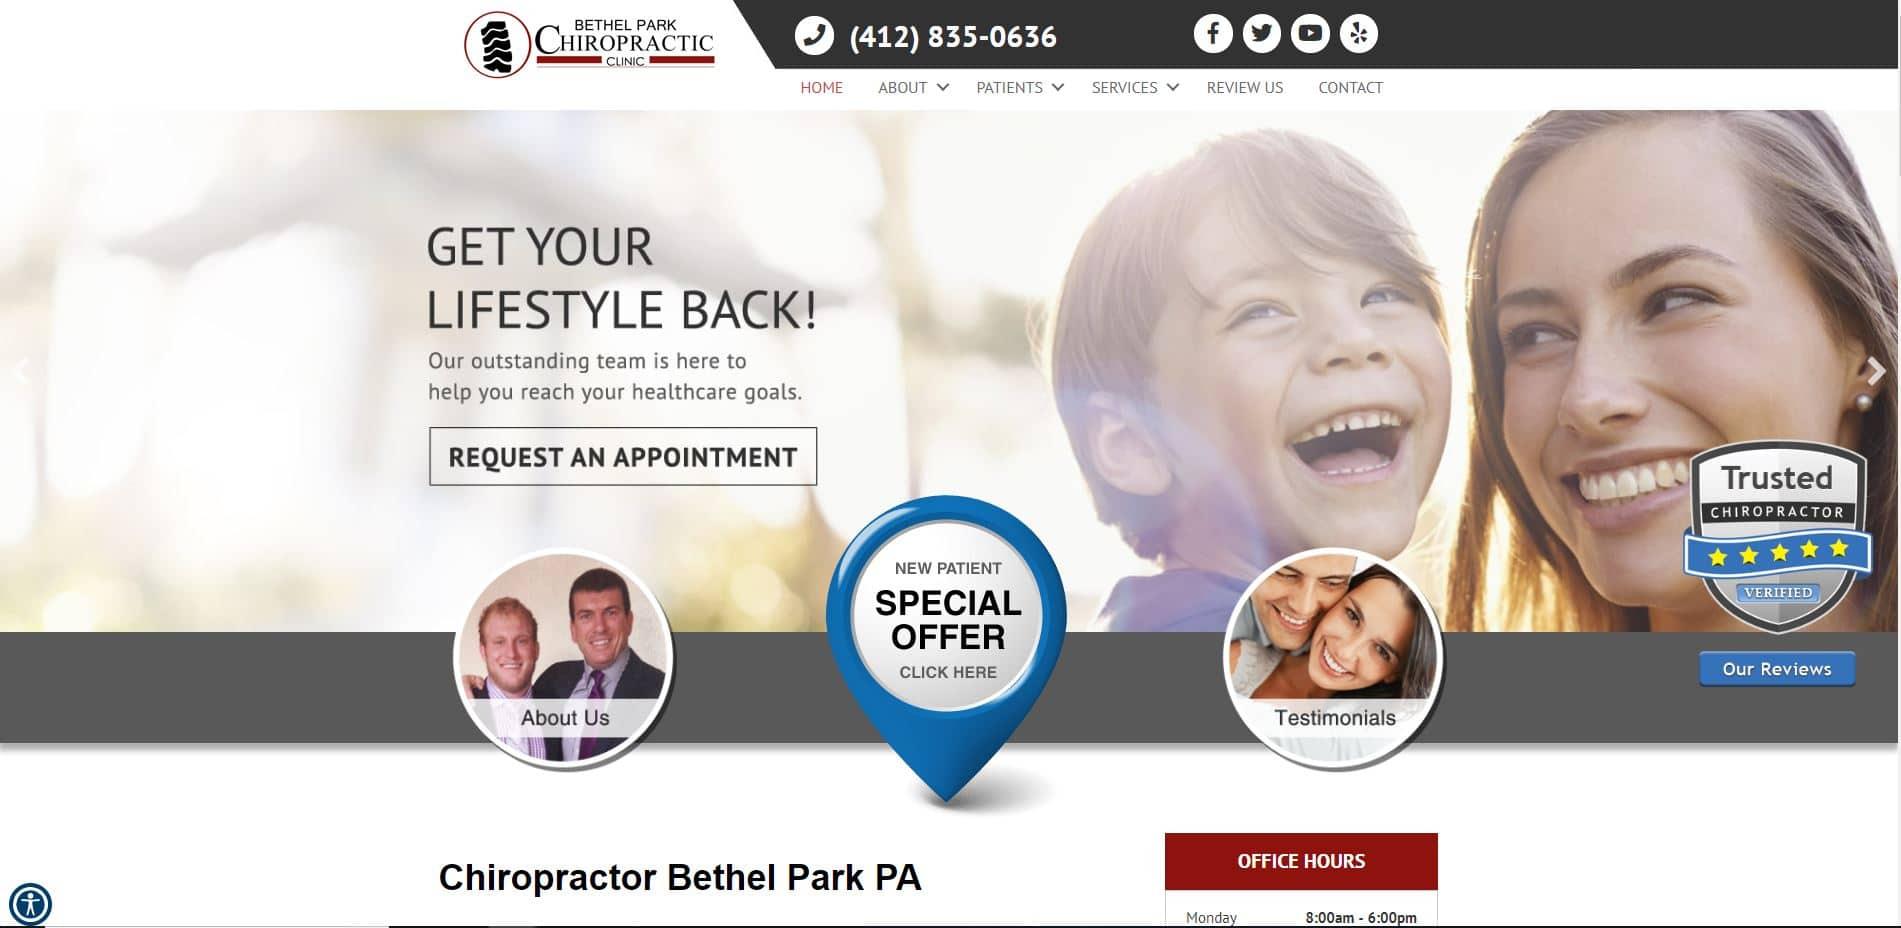 Chiropractor in Bethel Park